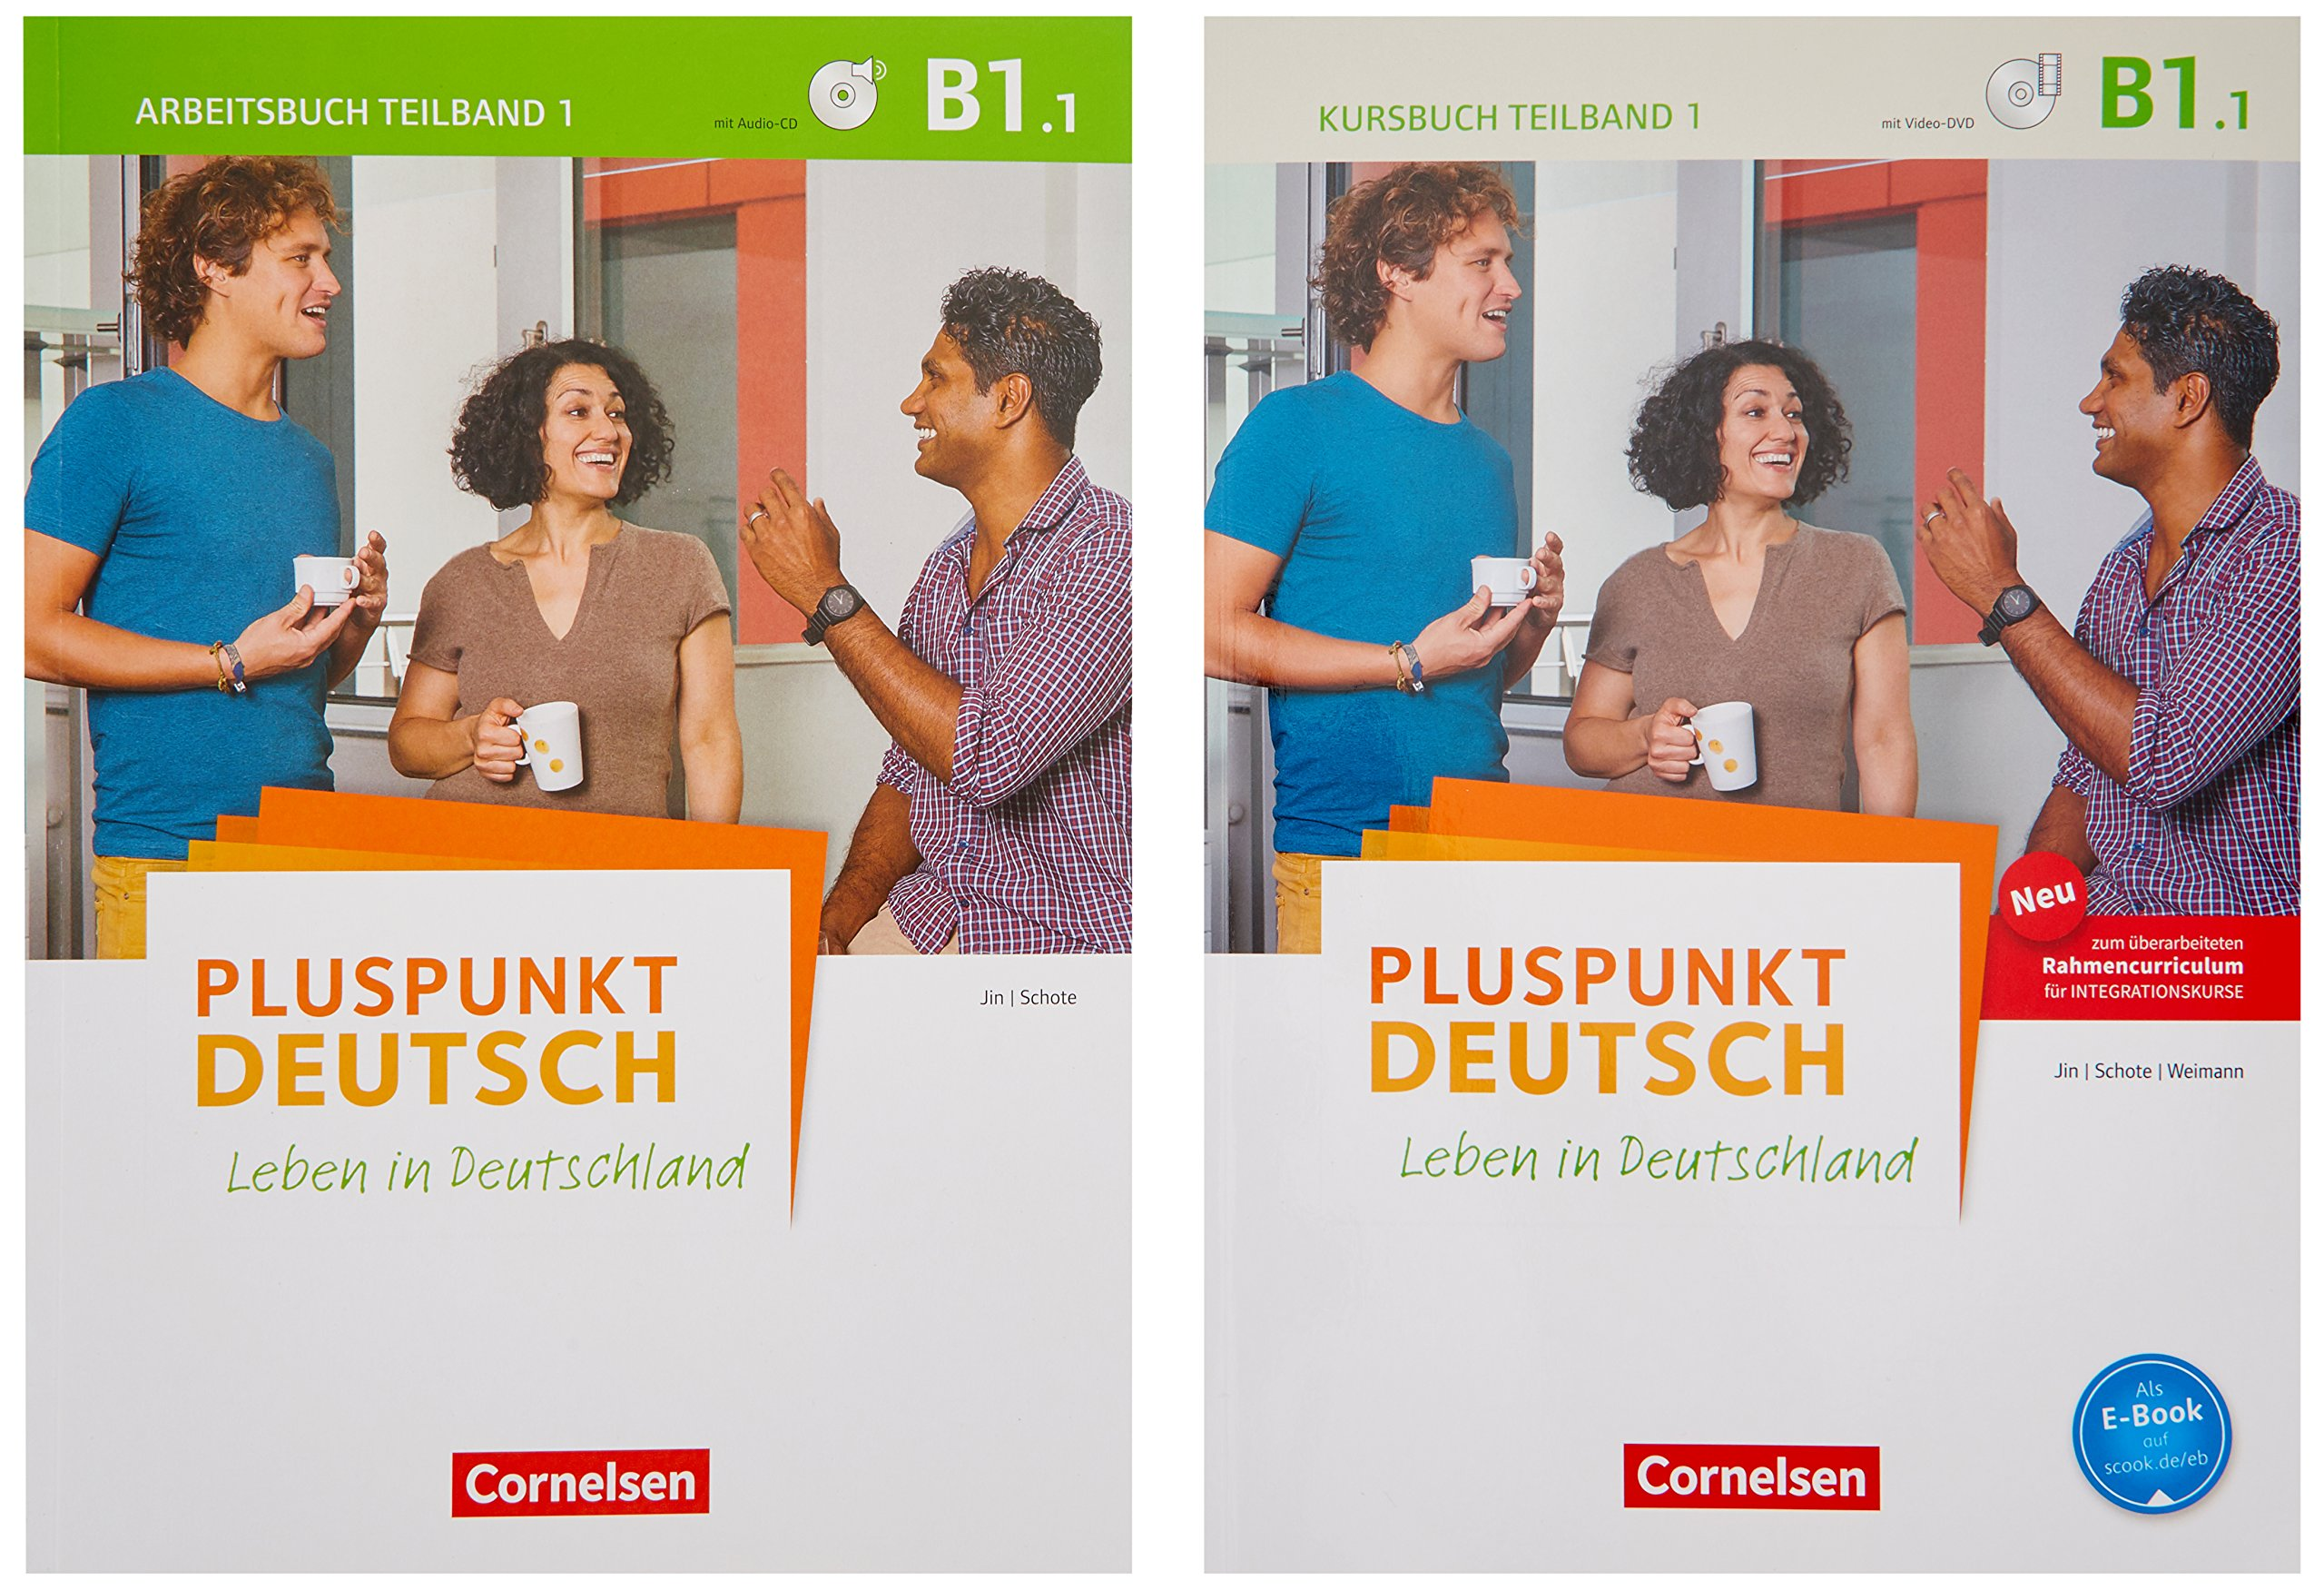 Pluspunkt Deutsch - Leben in Deutschland - Allgemeine Ausgabe: B1: Teilband 1 - Arbeitsbuch und Kursbuch: 120773-1 und 120581-2 im Paket